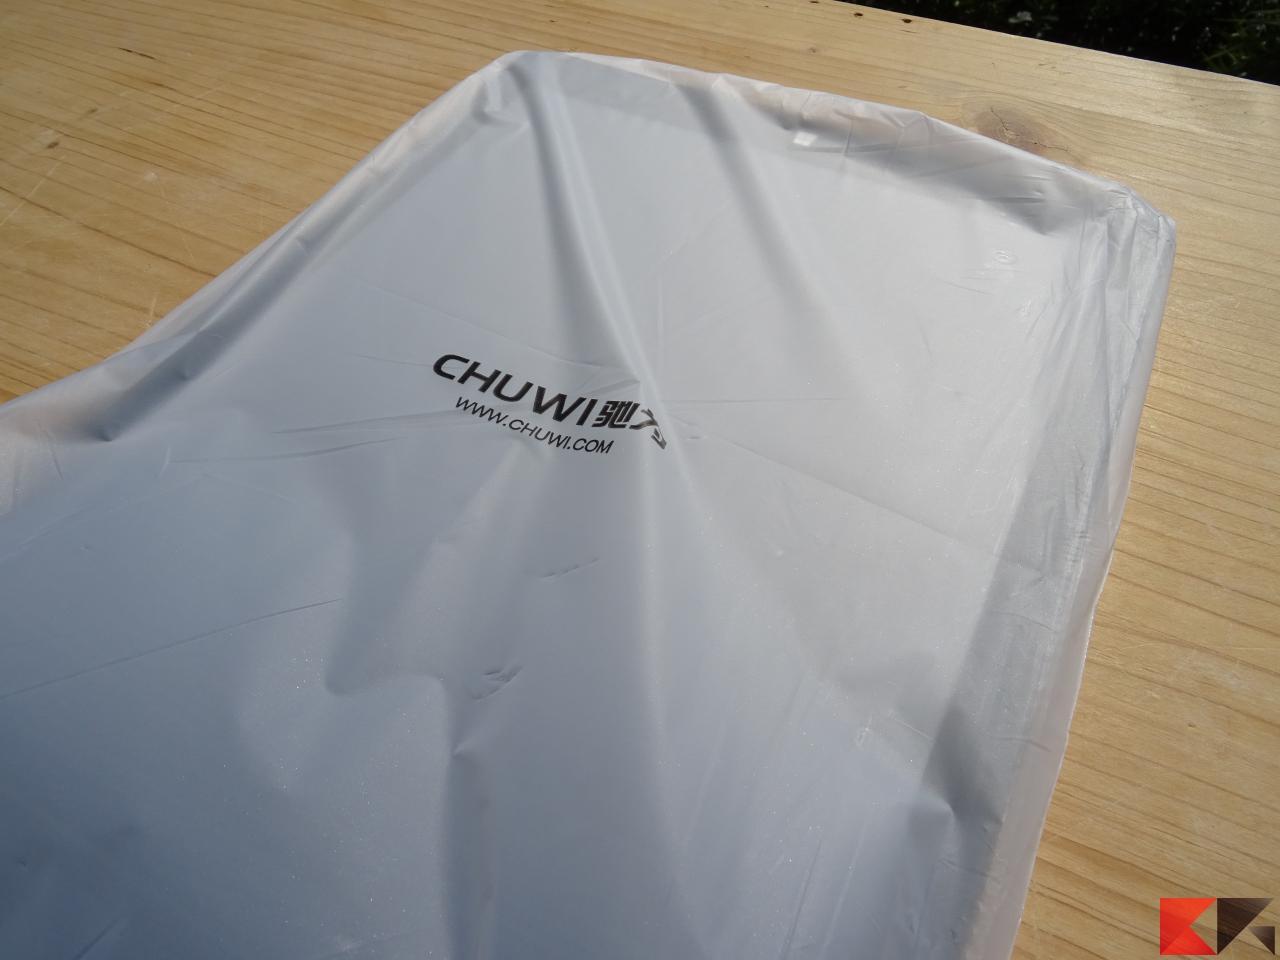 Recensione Chuwi Hi13 Il Tablet Windows 10 Che Stavi